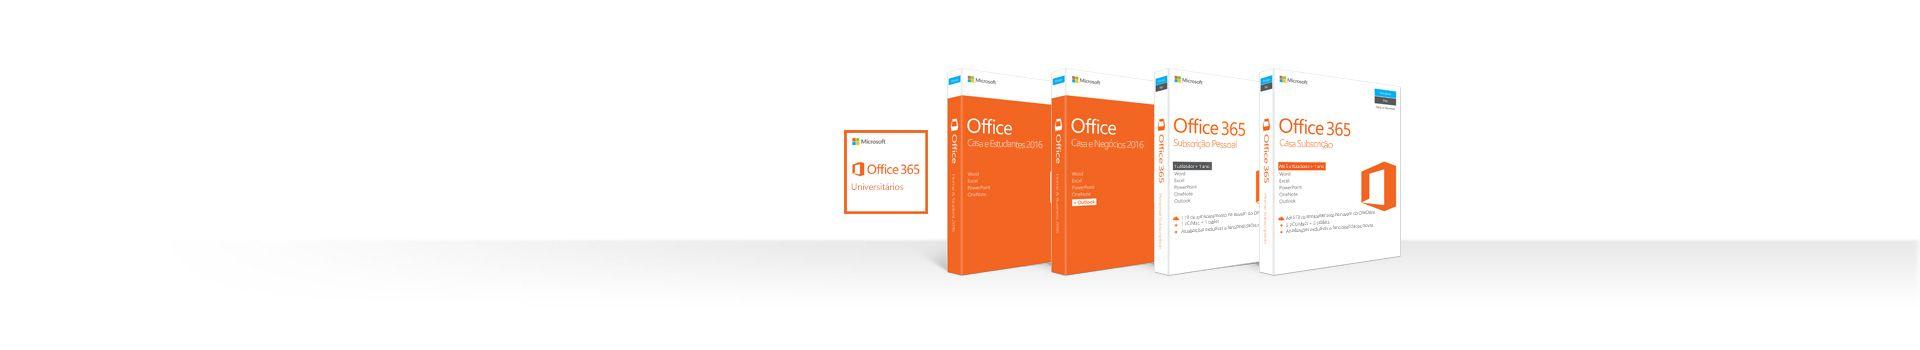 Uma linha de caixas que representam a subscrição do Office e de produtos autónomos para Mac